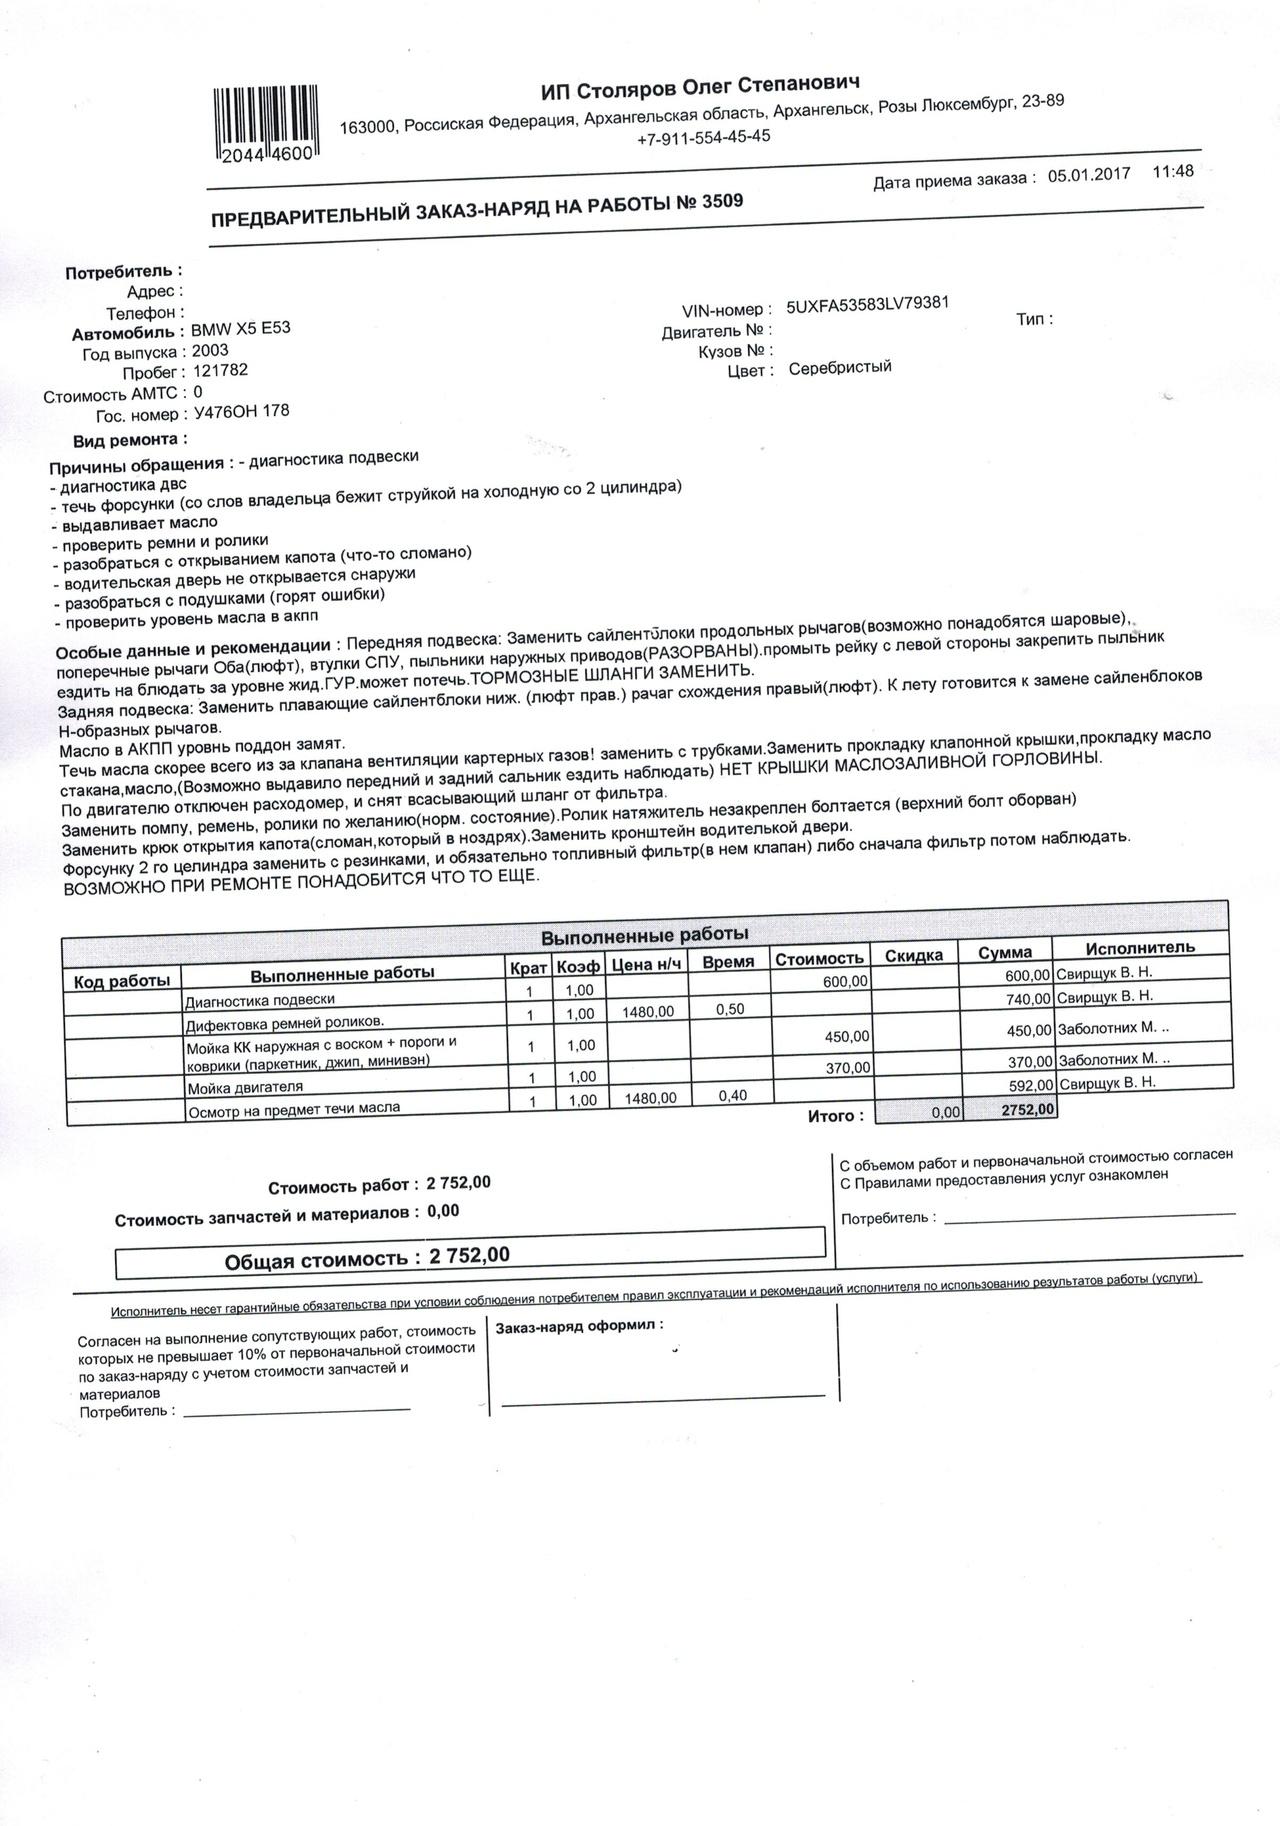 инструкция штатной агнитолы bmw x5 2002 г в